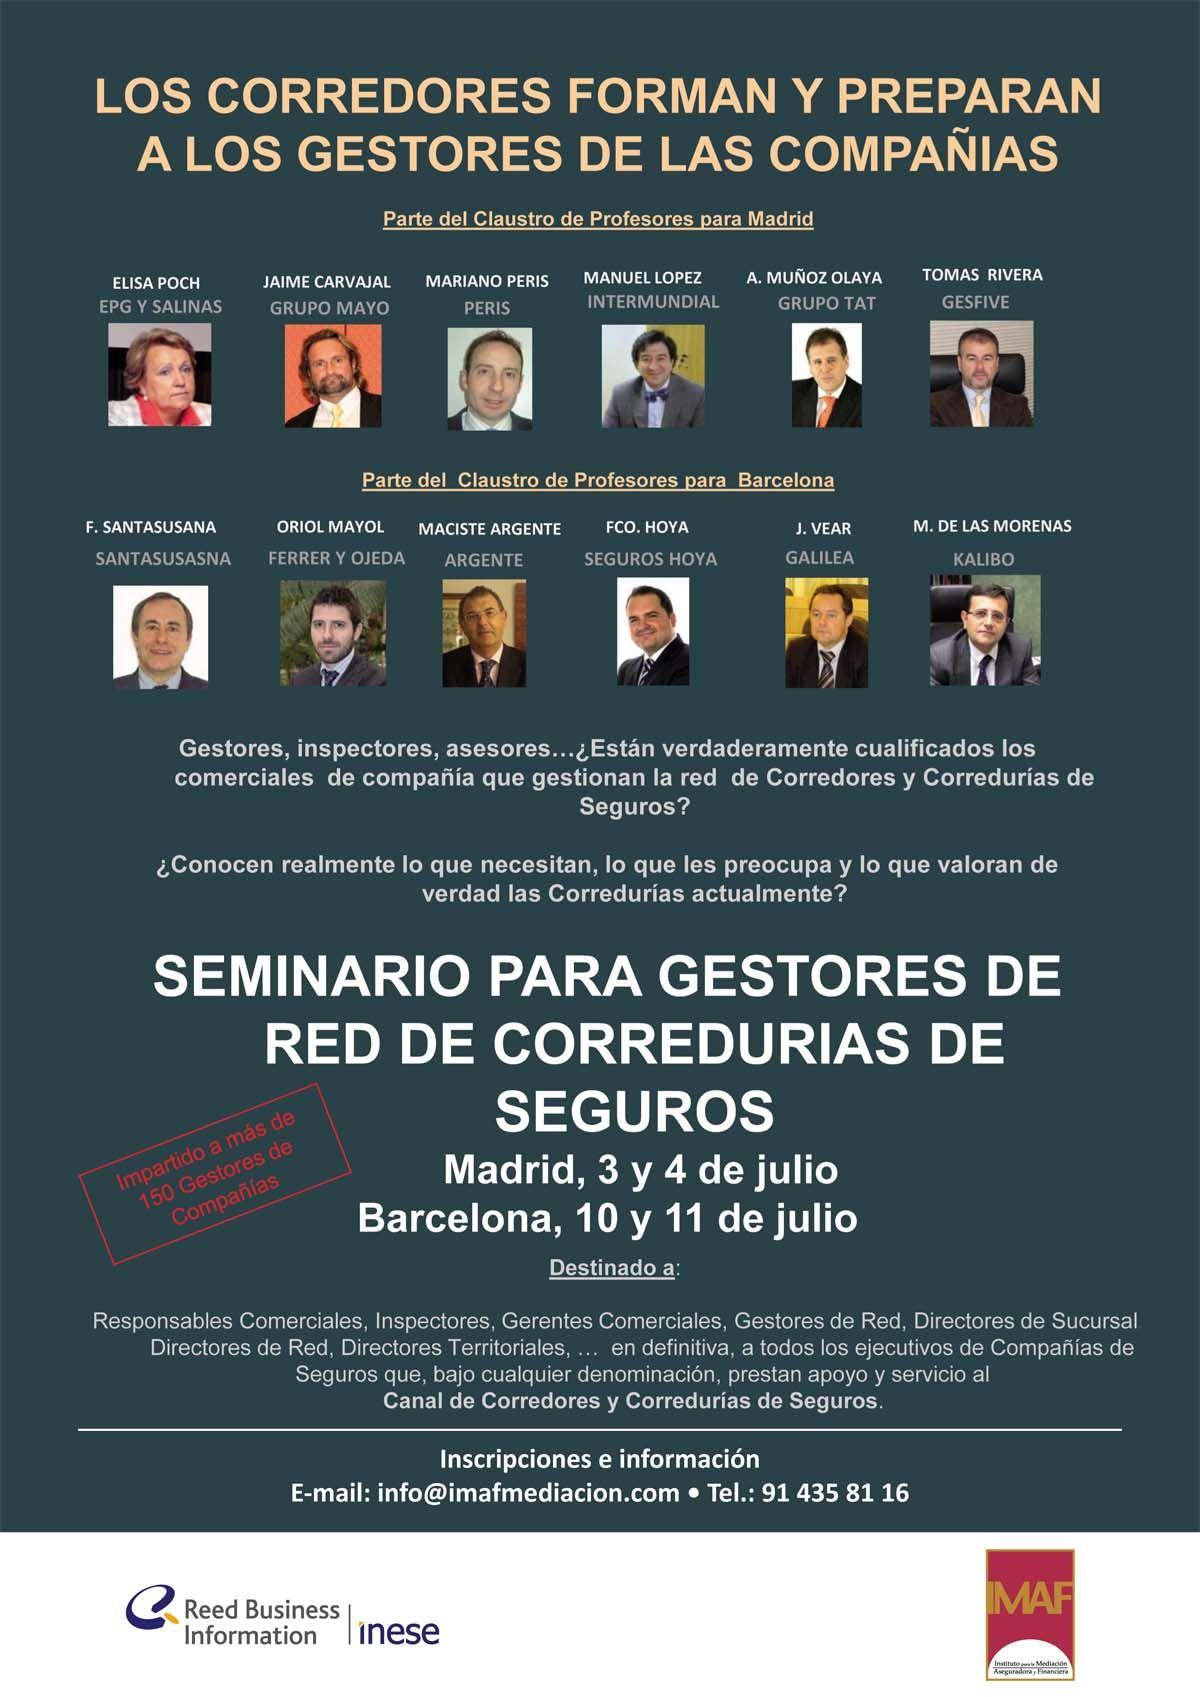 Seminario para Gestores de Red y Corredurías de Seguros - Madrid y Barcelona con el IMAF.